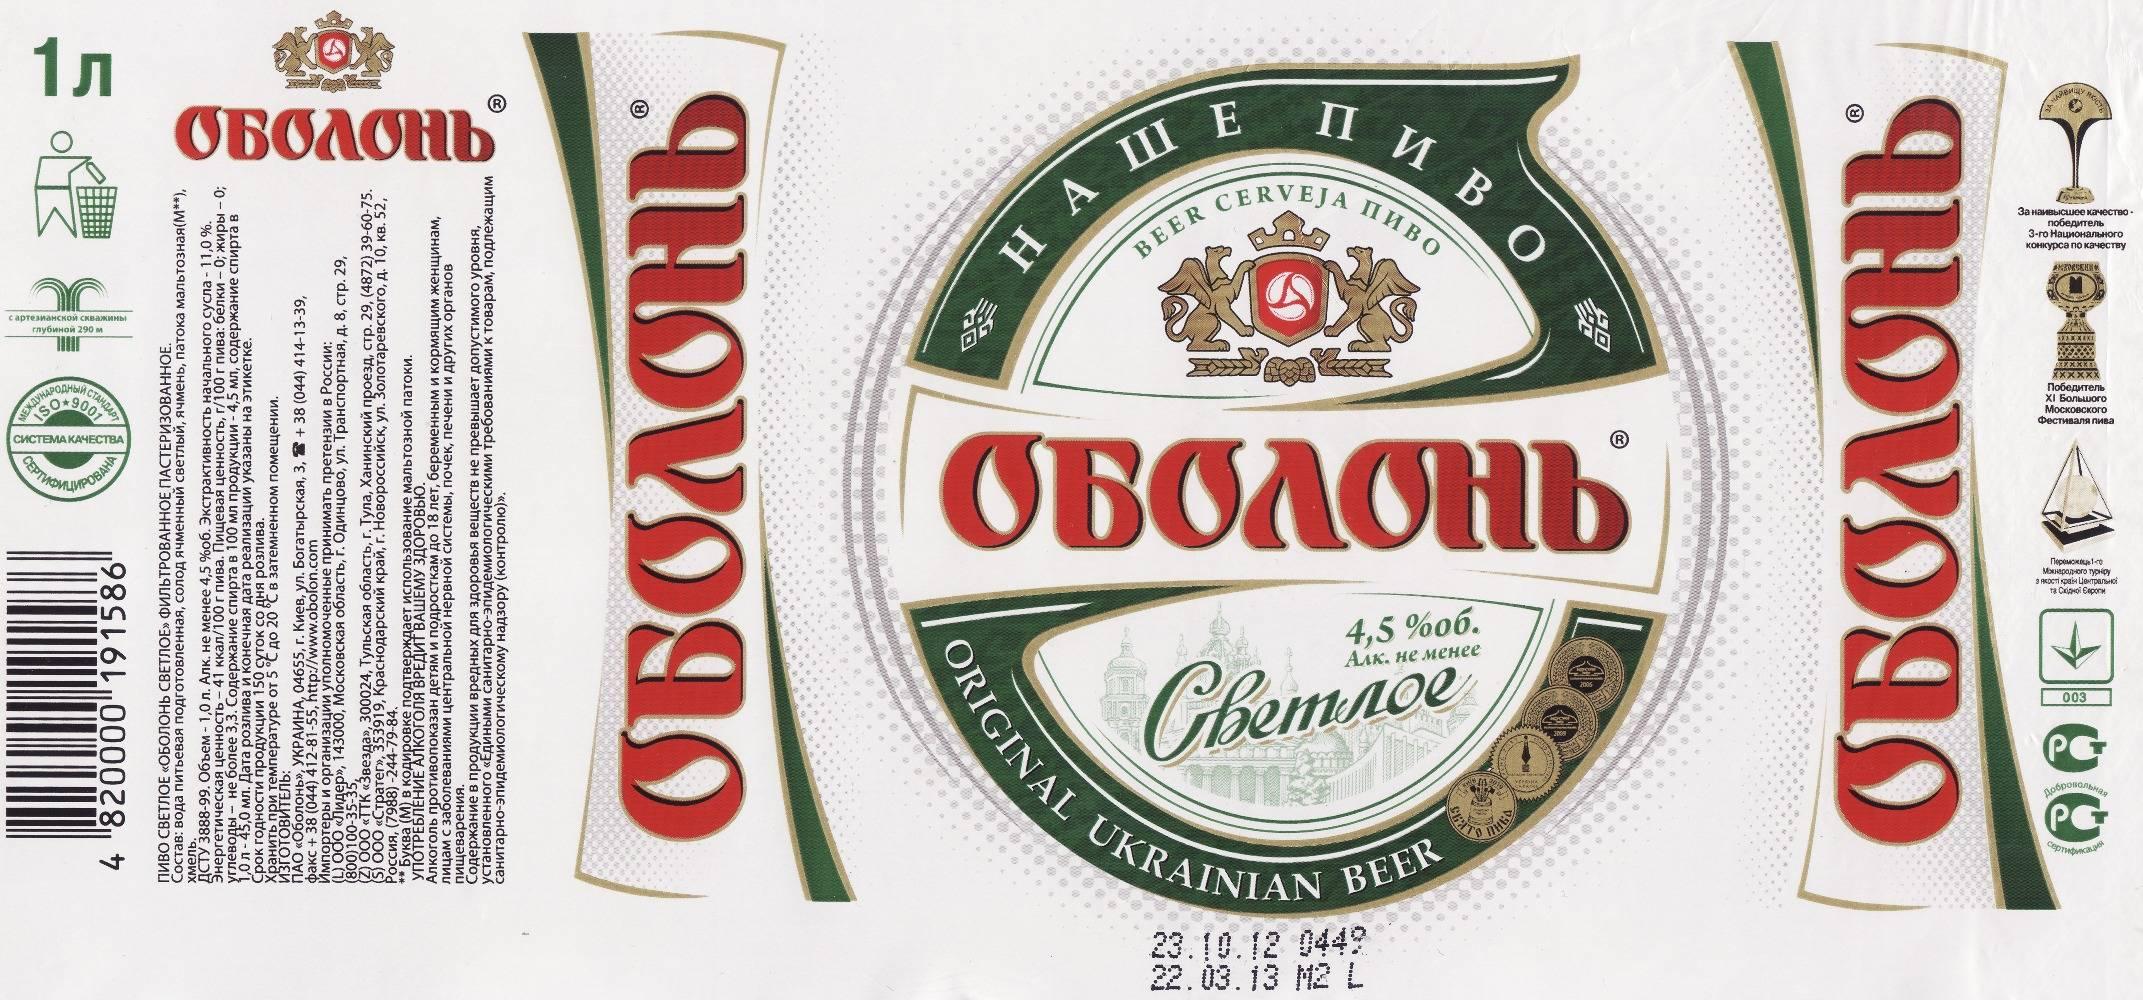 Пивная украина: 7 мест, где попробовать самое вкусное пиво